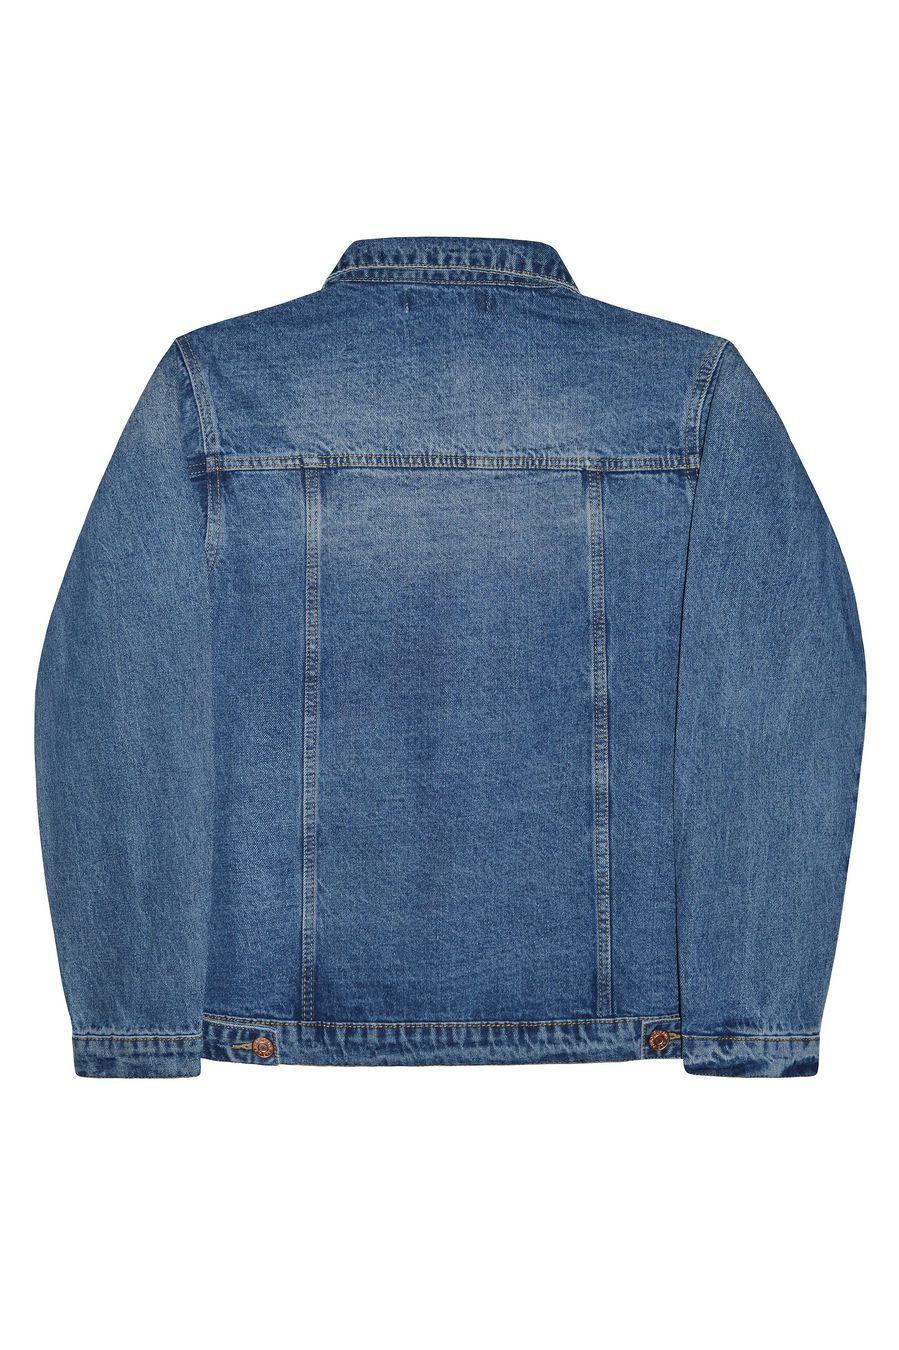 Пиджак мужской (джинсовка) Arnold 5702A - фото 5